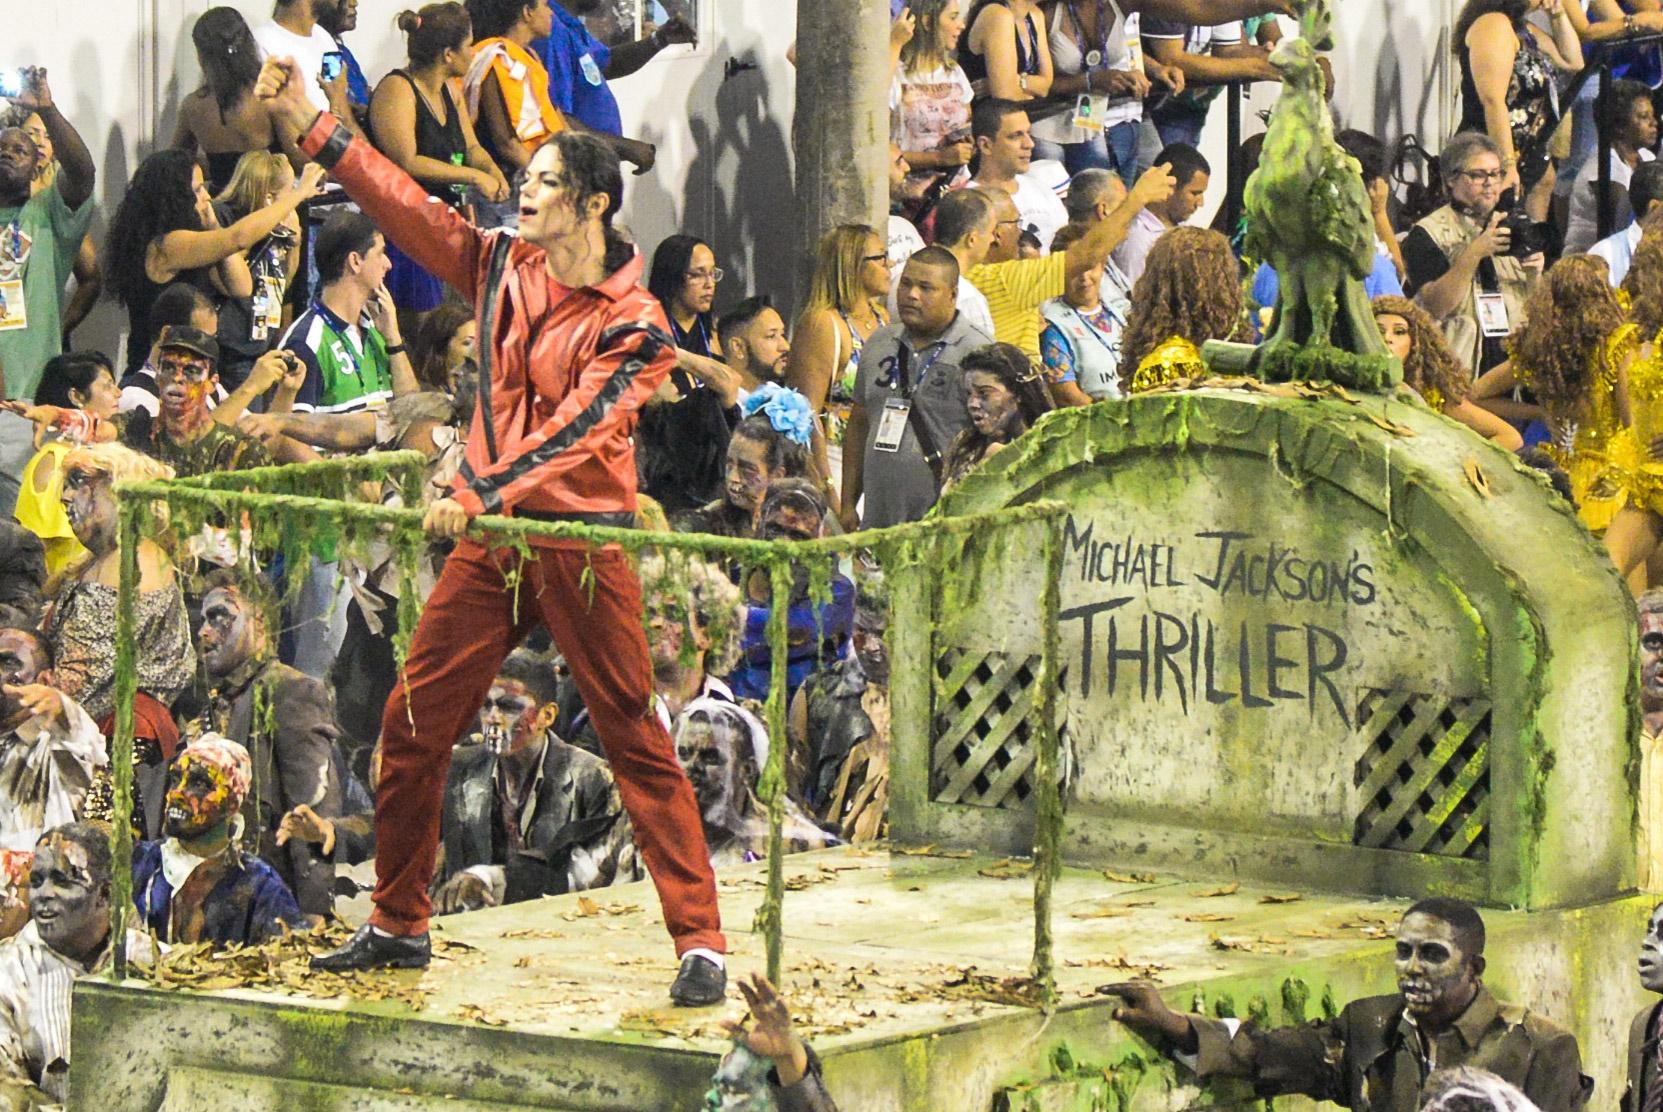 """O """"thriller"""" no desfile da Tijuca foi muito mais assustador do que havia sido planejado. Foto de Clever Felix/Brazil Photo Press"""